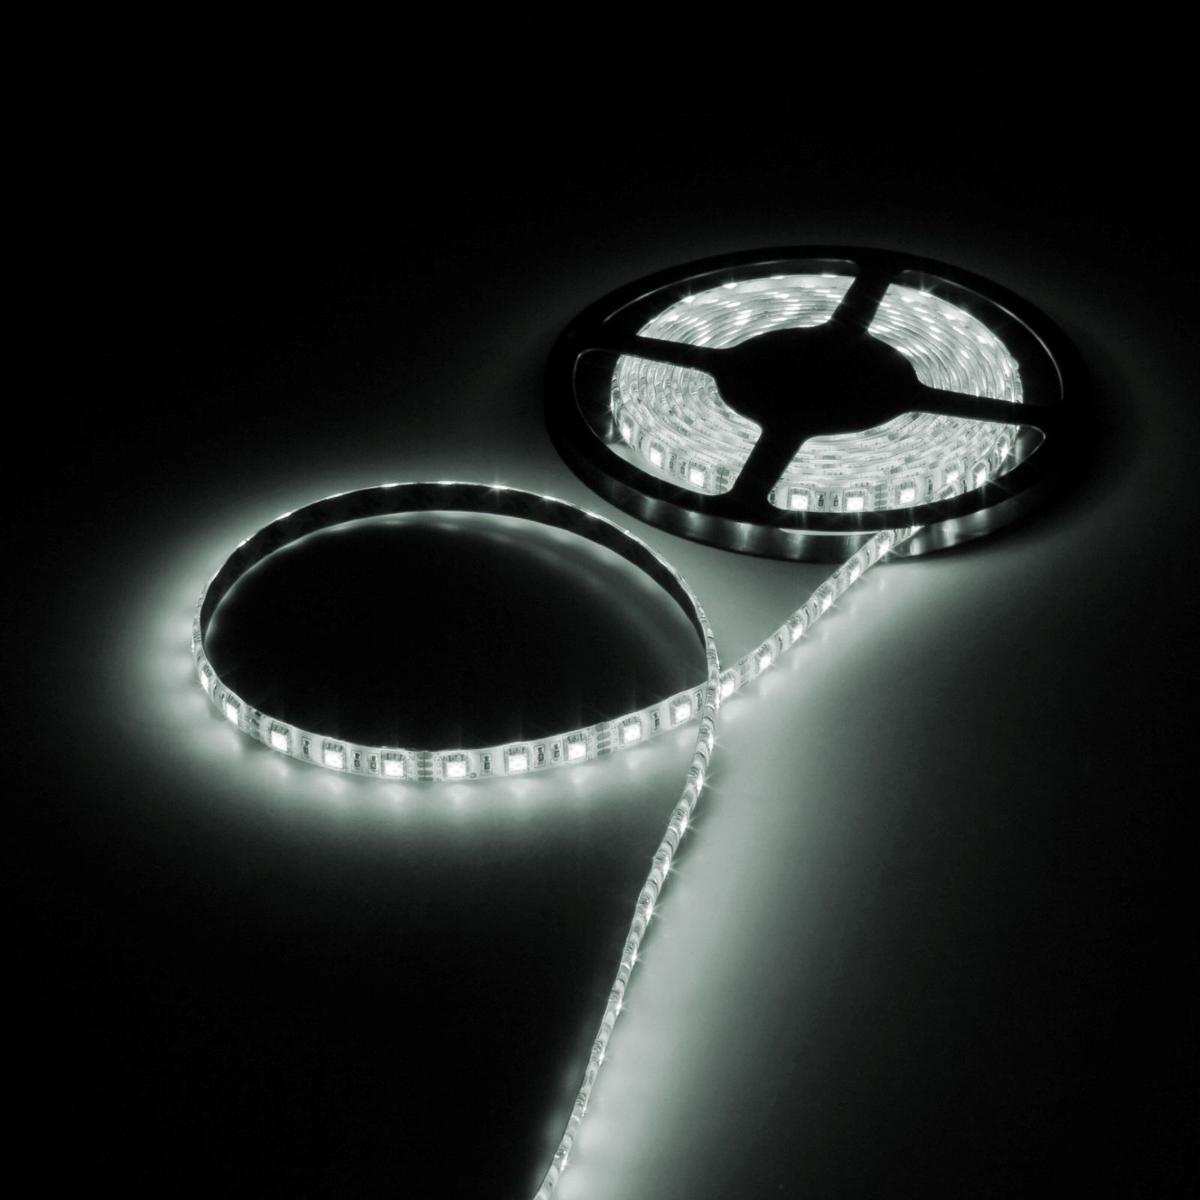 Светодиодная лента Luazon, 12В, SMD5050, длина 5 м, IP65, 60 LED ламп, 14.4 Вт/м, 14-16 Лм/1 LED, DC, цвет: белый883951Светодиодные гирлянды, ленты и т.д — это отличный вариант для новогоднего оформления интерьера или фасада. С их помощью помещение любого размера можно превратить в праздничный зал, а внешние элементы зданий, украшенные ими, мгновенно станут напоминать очертания сказочного дворца. Такие украшения создают ауру предвкушения чуда. Деревья, фасады, витрины, окна и арки будто специально созданы, чтобы вы украсили их светящимися нитями.